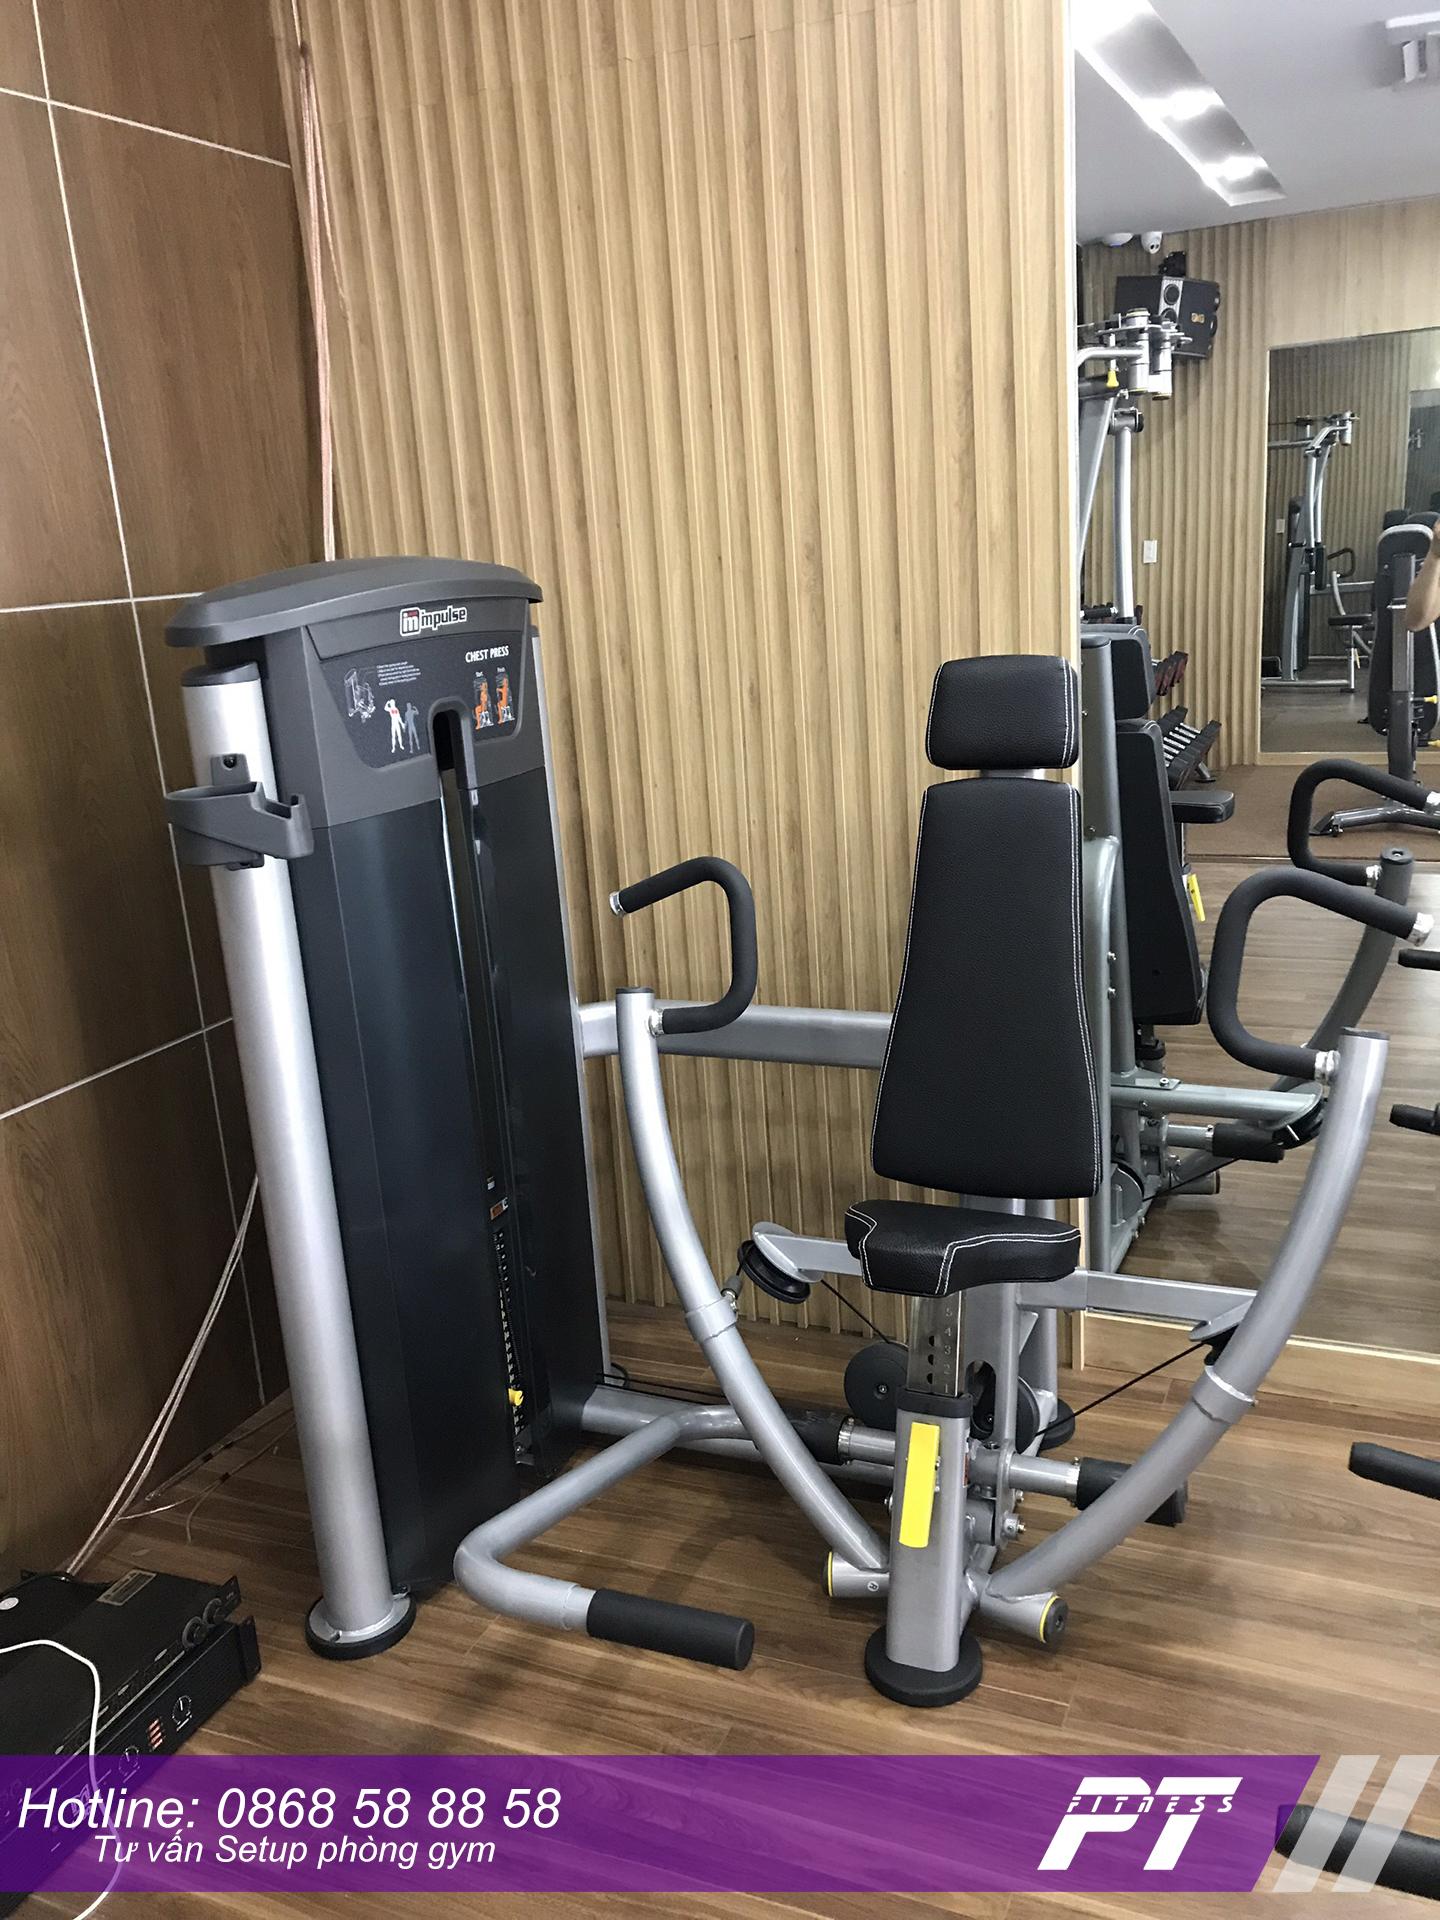 Phòng tập Hot Gym có mức đầu tư 1 tỉ 200 triệu đồng